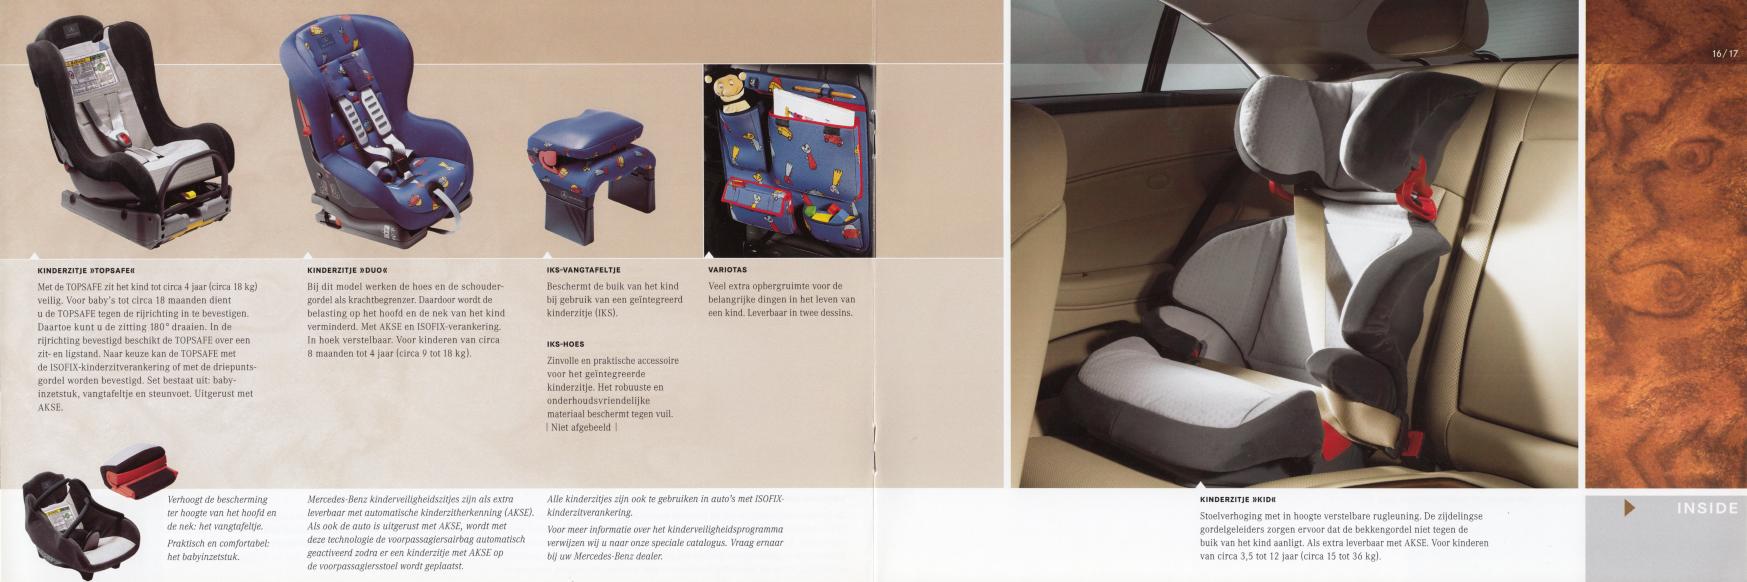 (C219): Catálogo de acessórios 2004 - neerlandês 009